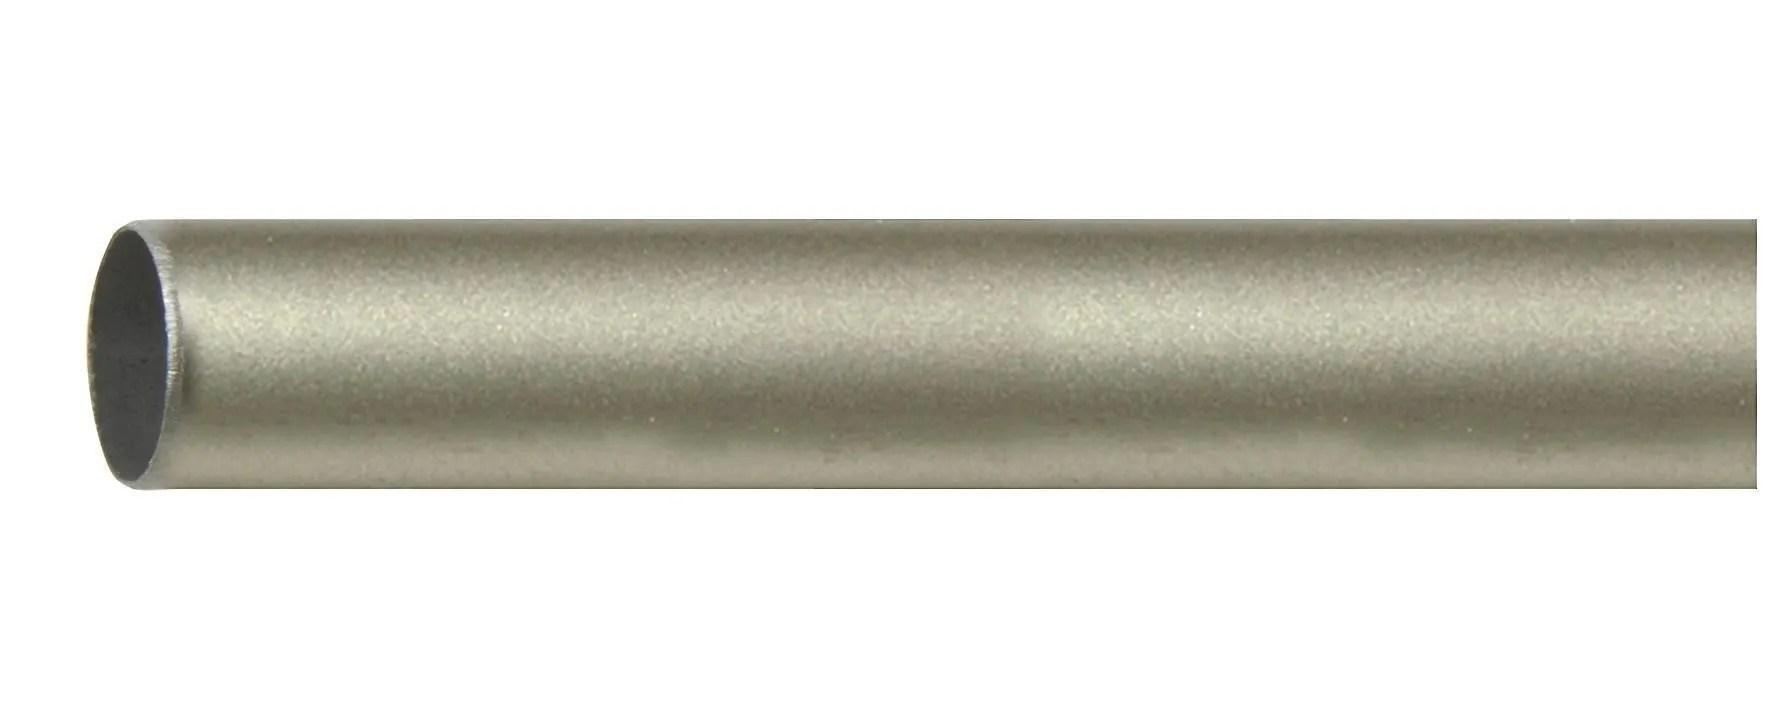 Nuova algis adesivo nero tondo rispettare 1 metro da pavimento 38x38 cm. Bastone Per Tende O 20 Mm 160 Cm Nichel Bricoman